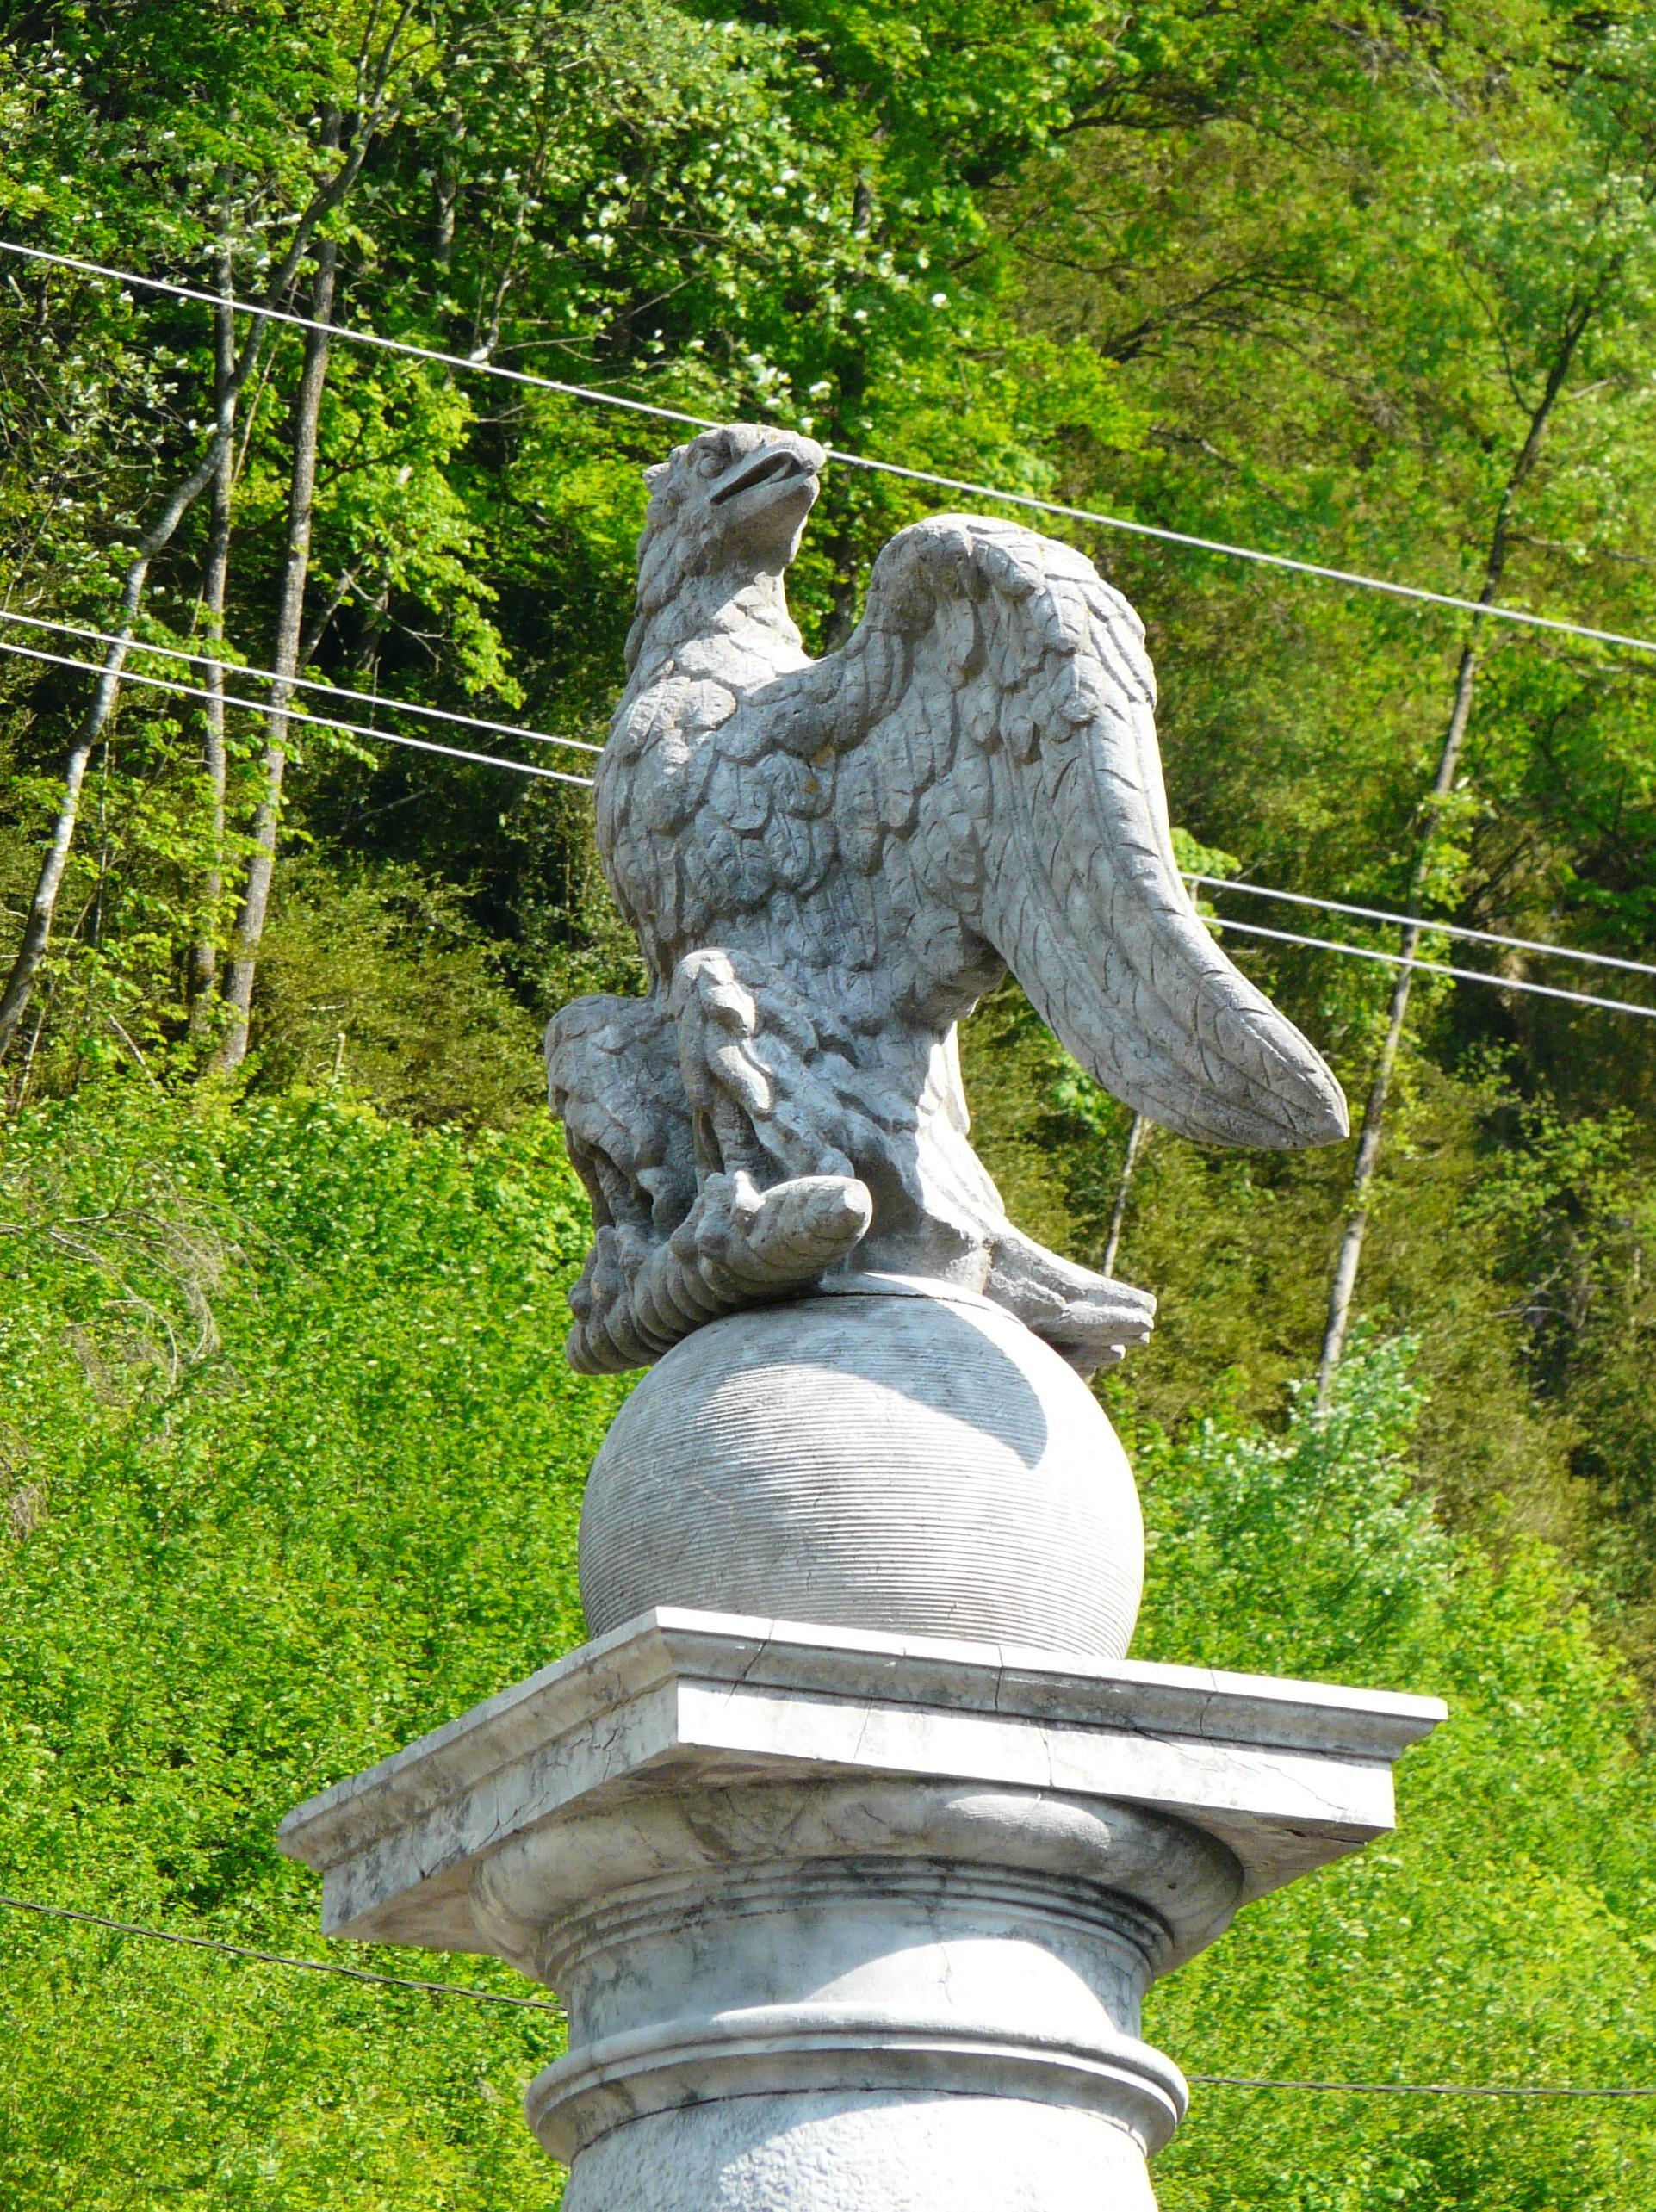 Luz-Saint-Sauveur France  City pictures : Luz Saint Sauveur pont Napoléon colonne aigle Wikimedia ...